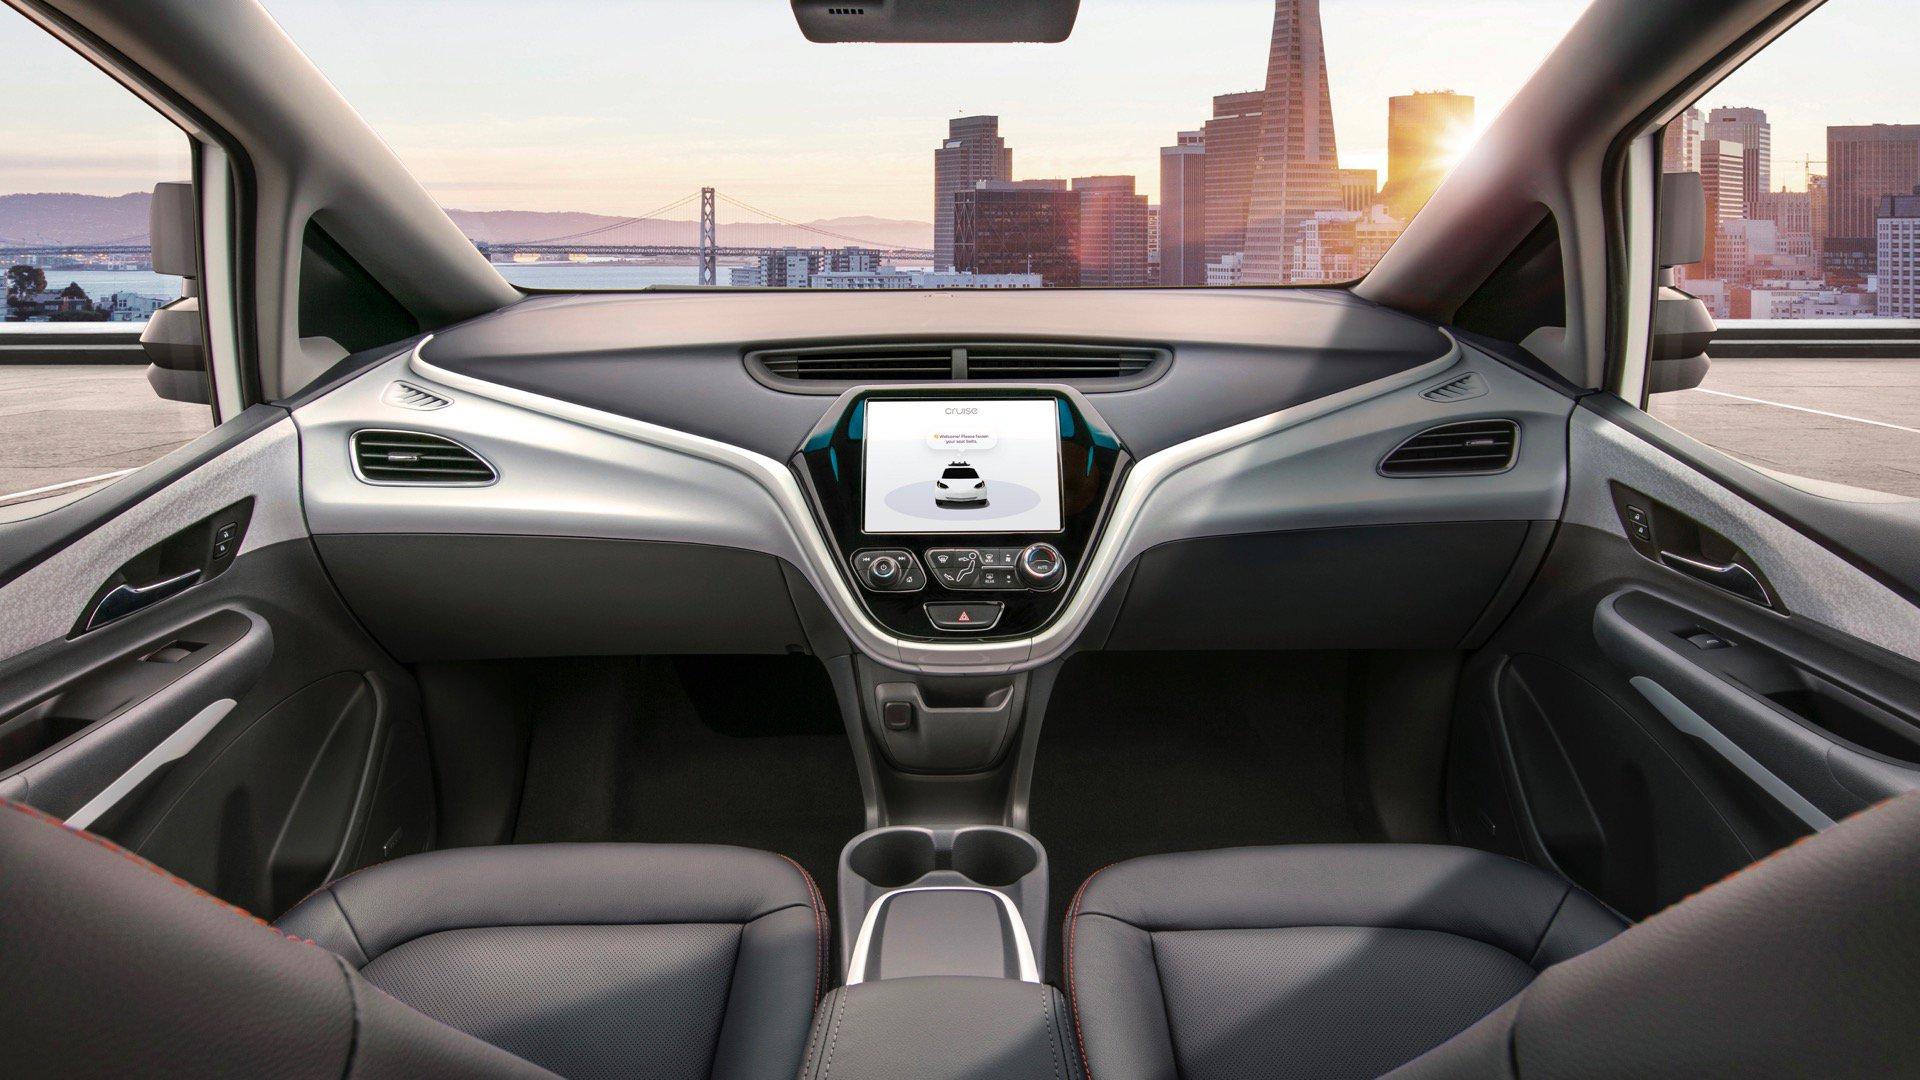 В Калифорнии машины с автопилотом поедут без водителя